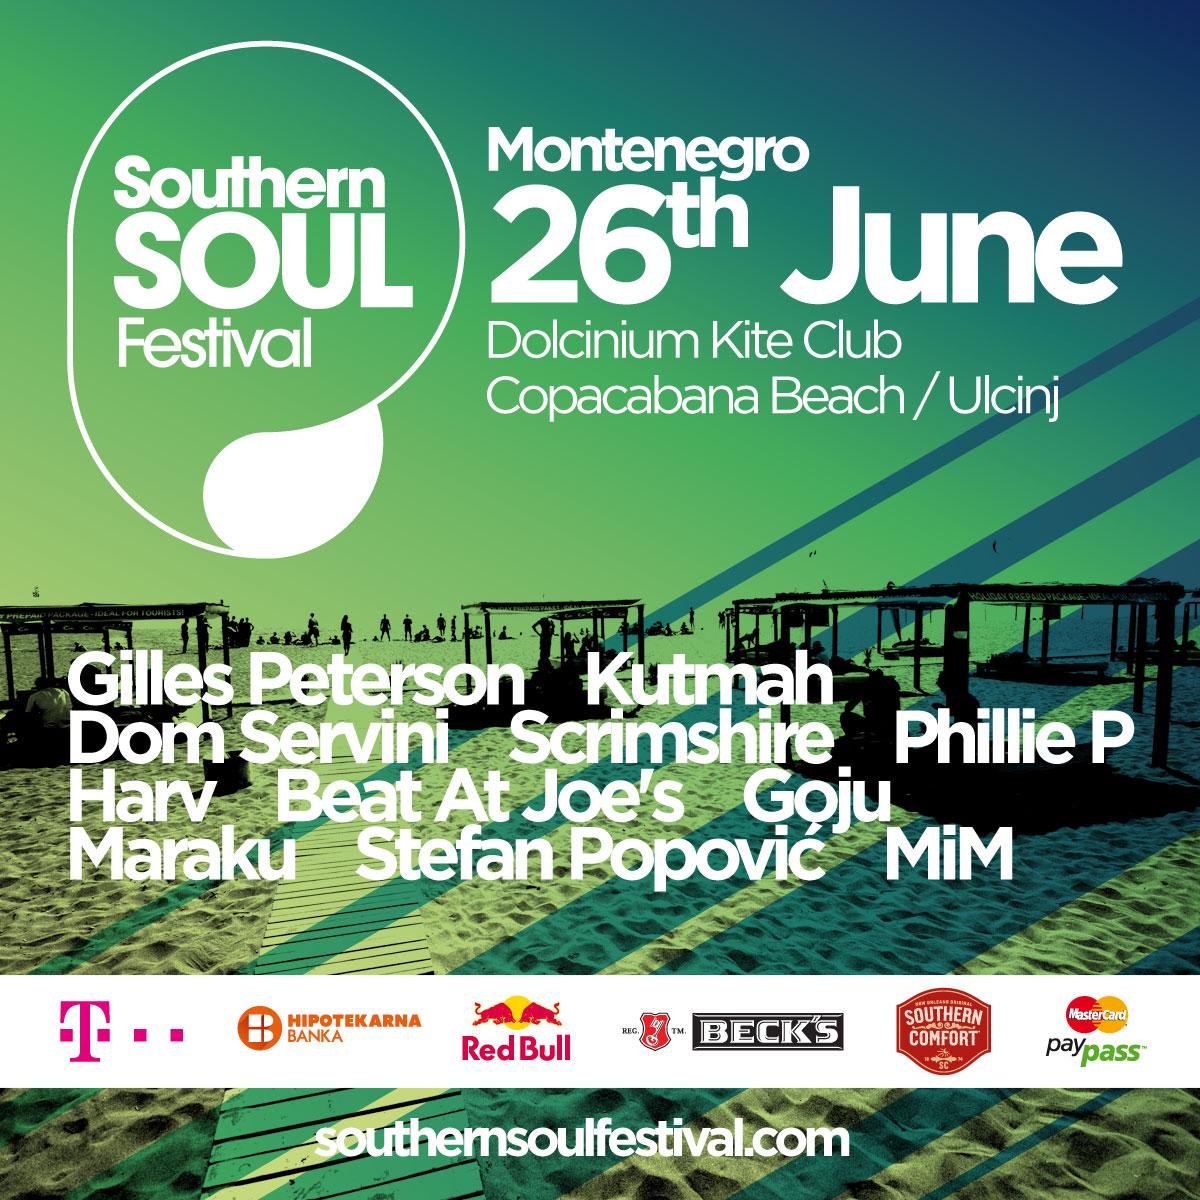 ssf 2014 day 01 fb poster Idemo u provod: Line Up Southern Soul Festivala